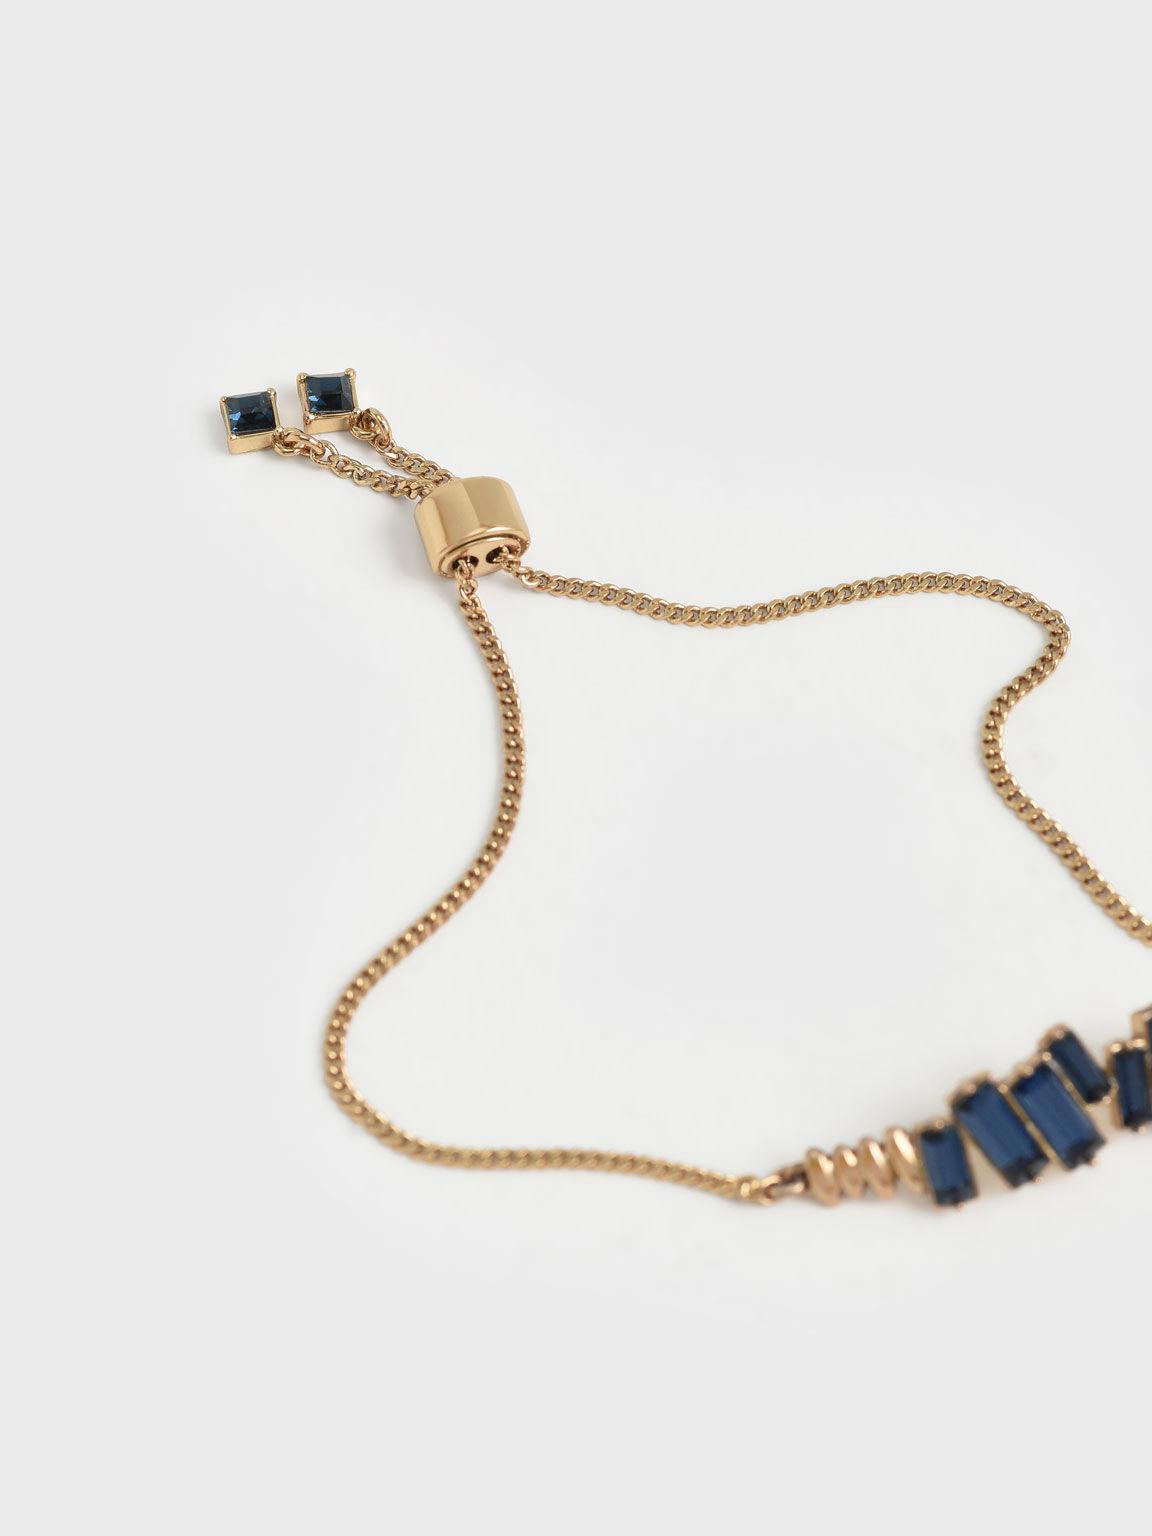 施華洛世奇®水晶細手鍊, 海軍藍, hi-res